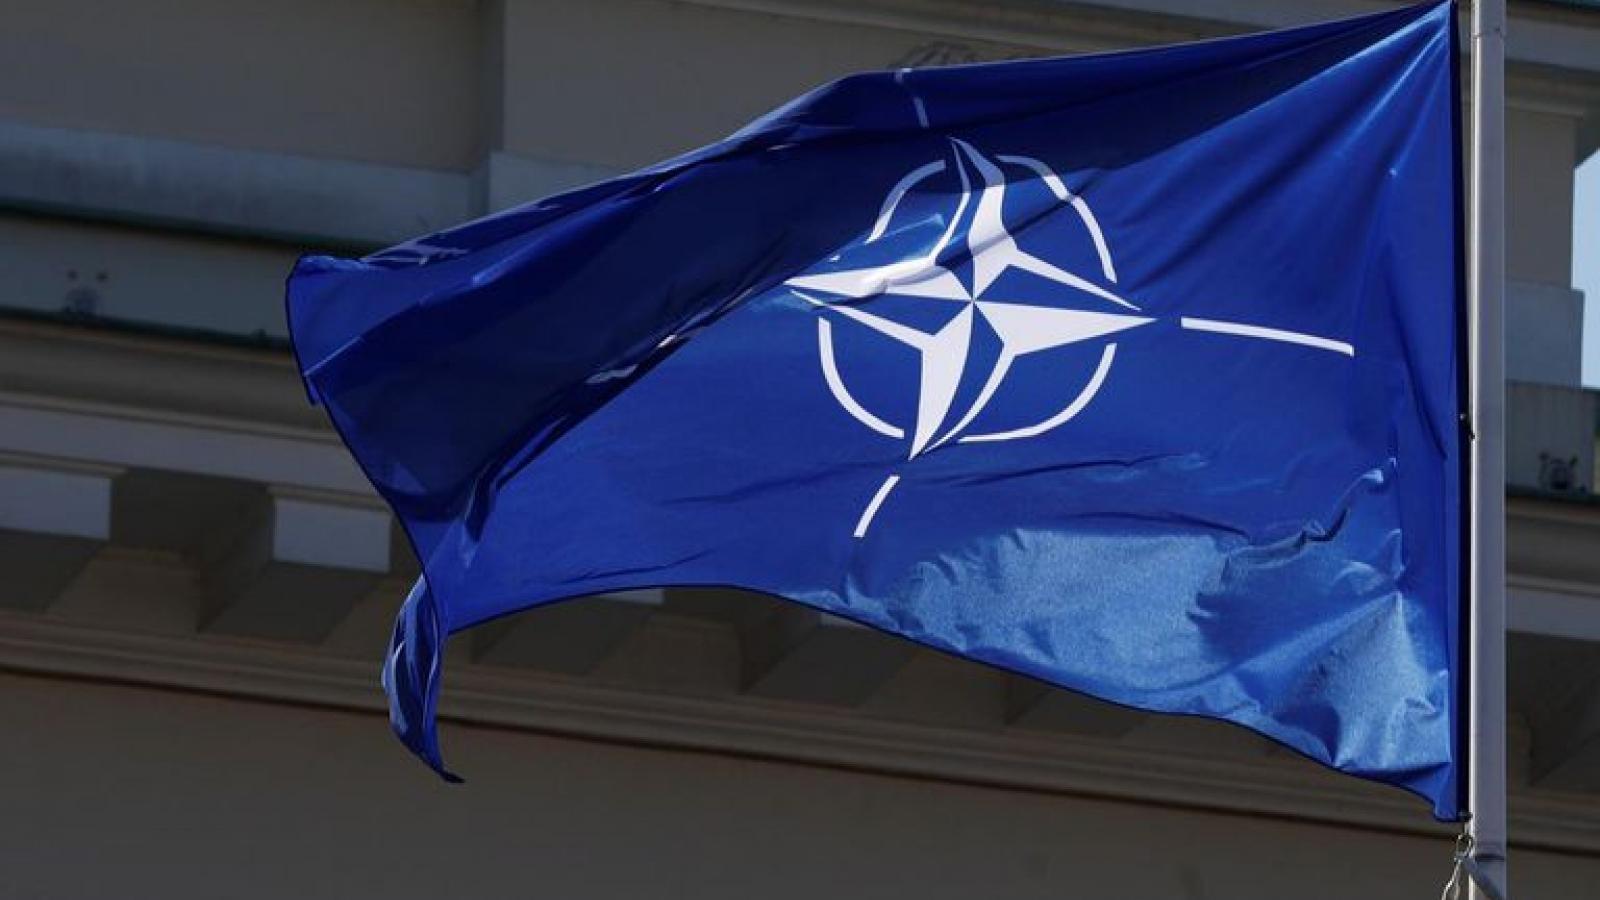 Hội nghị Bộ trưởng Quốc phòng NATO: Khởi đầu mới cho quan hệ xuyên Đại Tây Dương